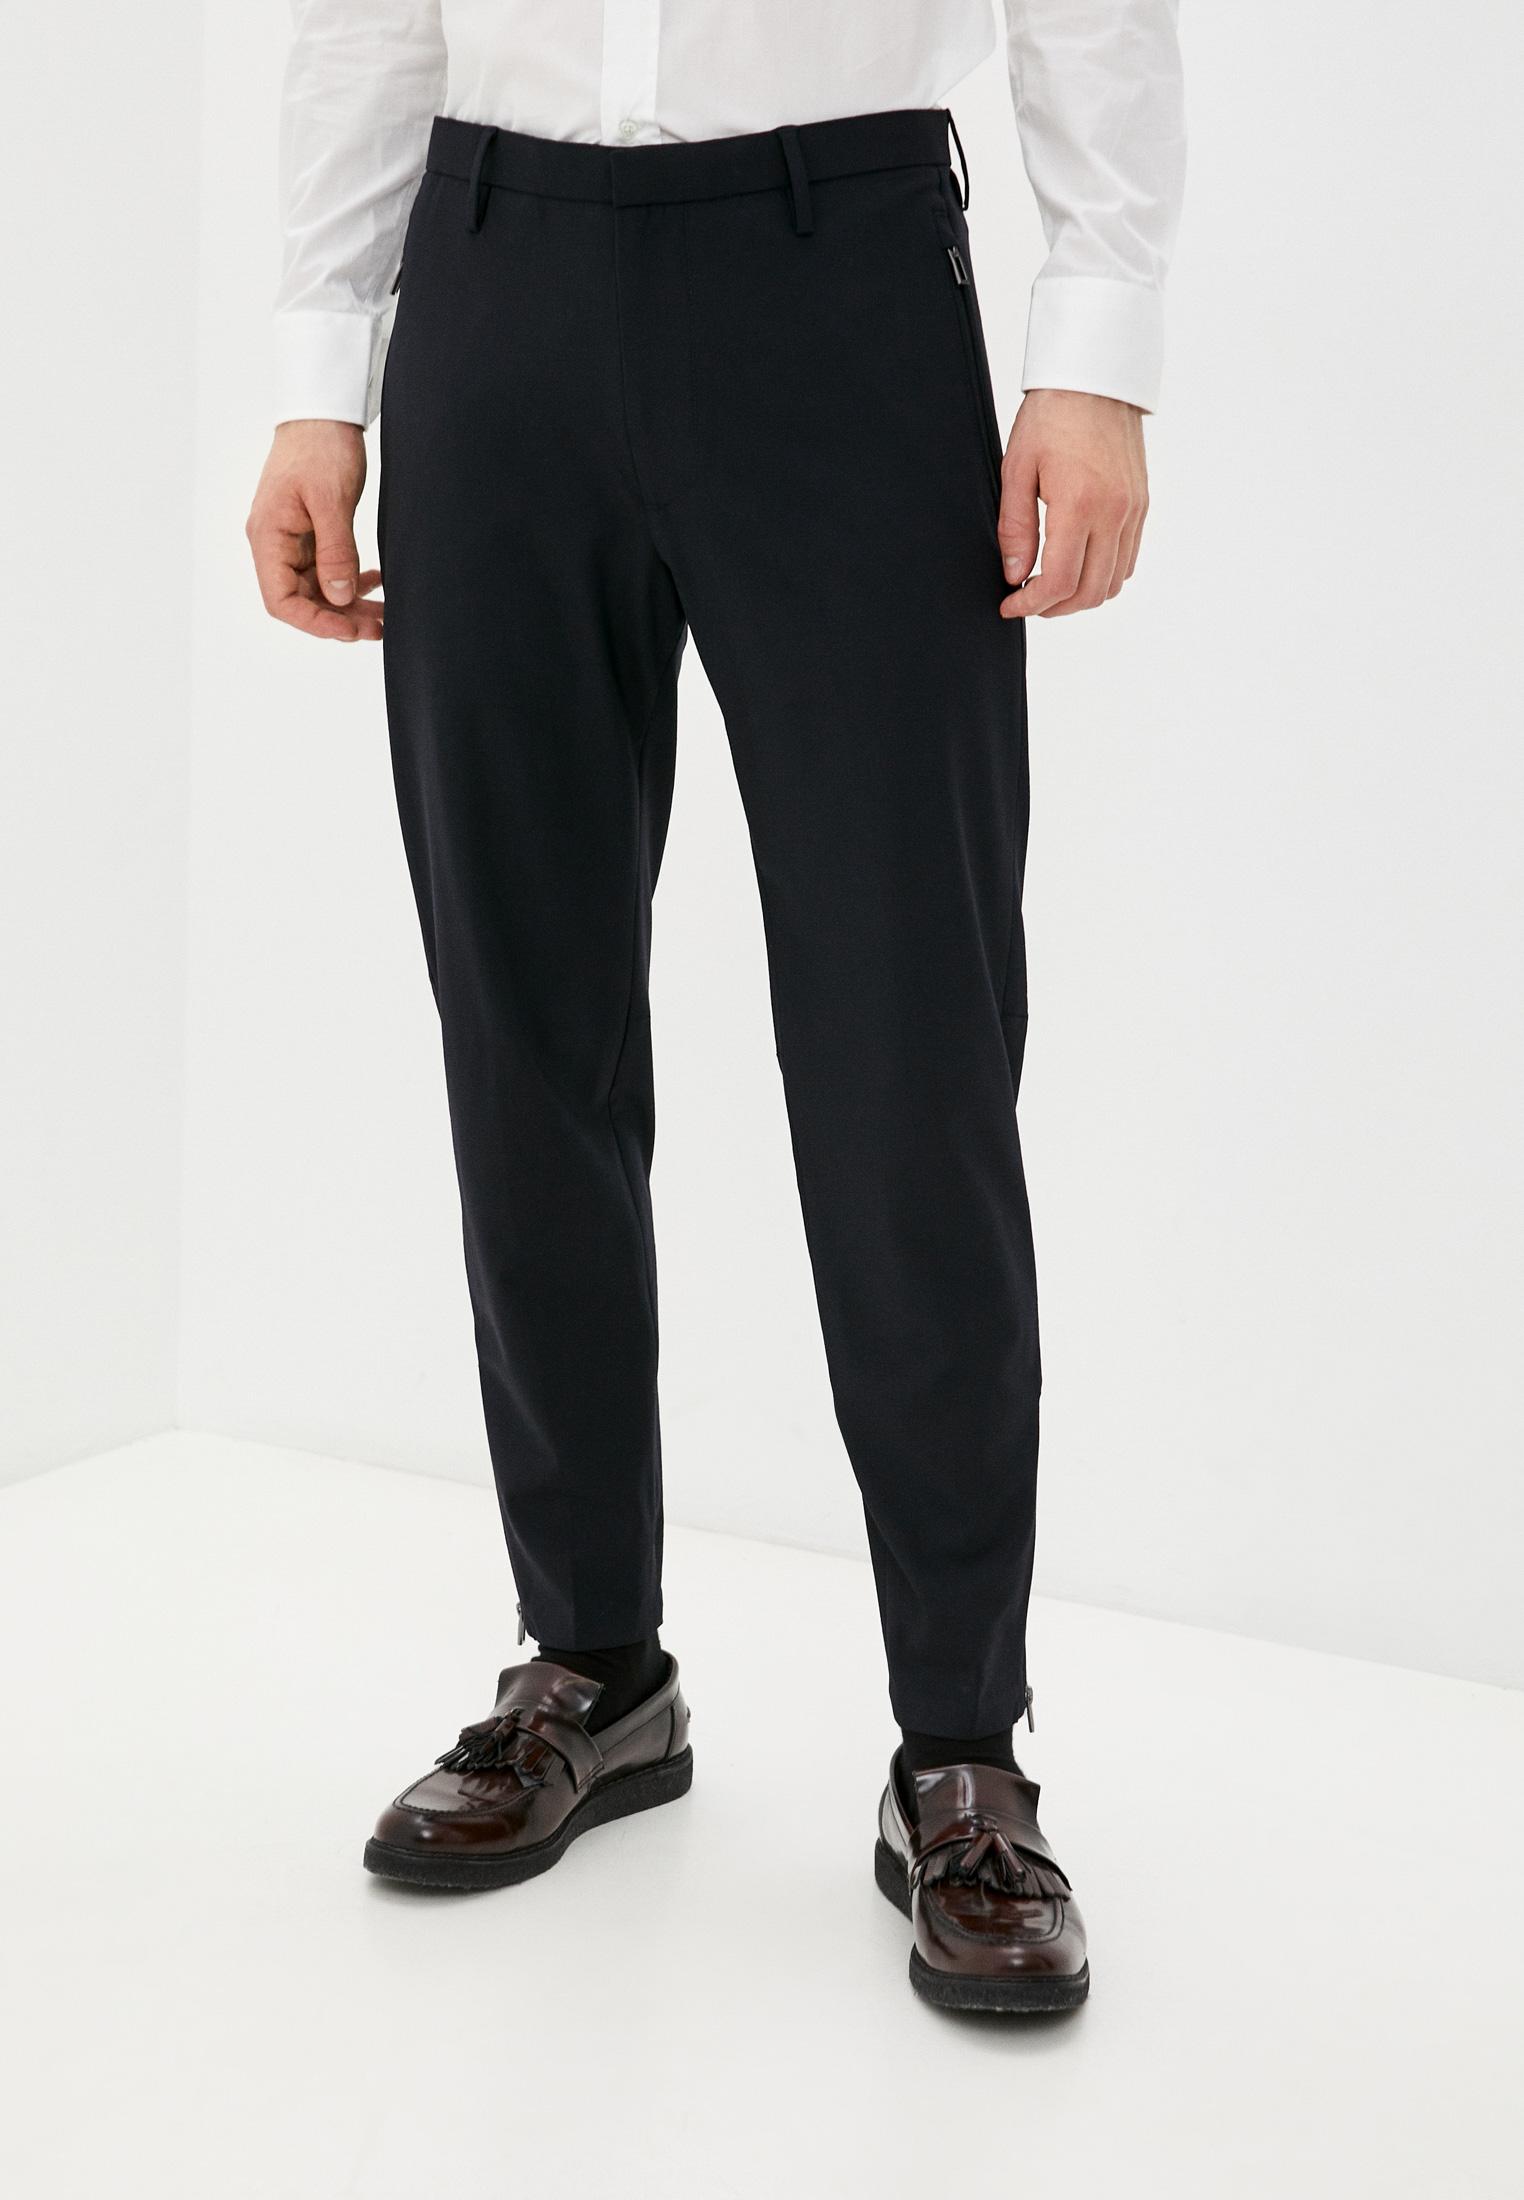 Мужские повседневные брюки Emporio Armani (Эмпорио Армани) 3Z1PM6 1NFBZ